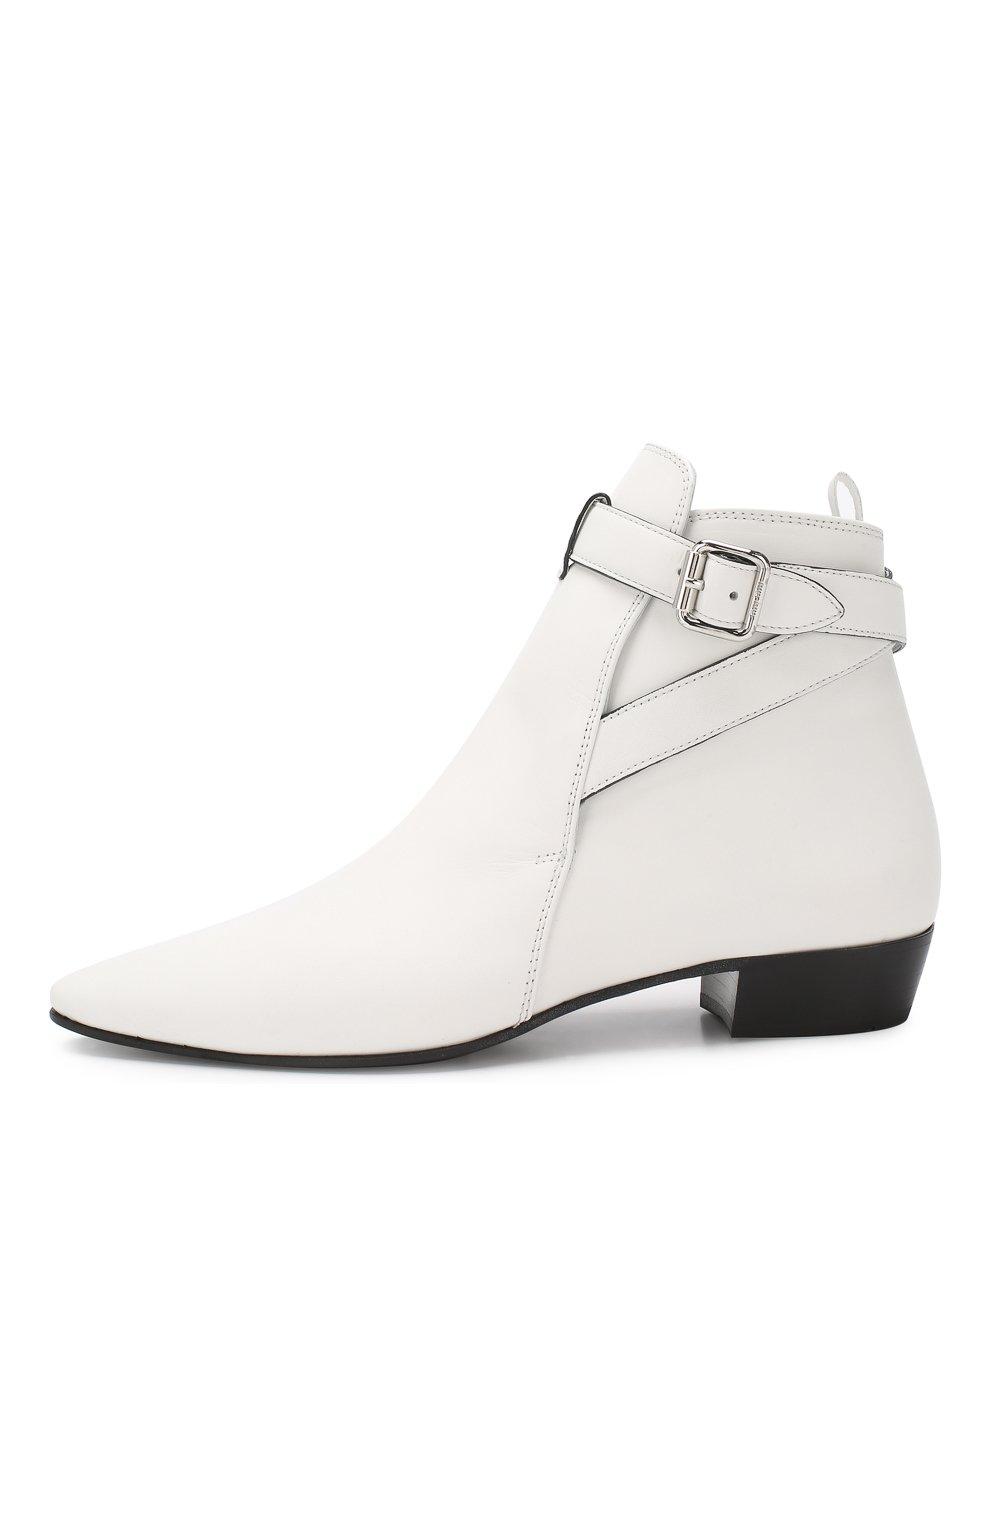 Кожаные ботинки Miu Miu белые | Фото №3